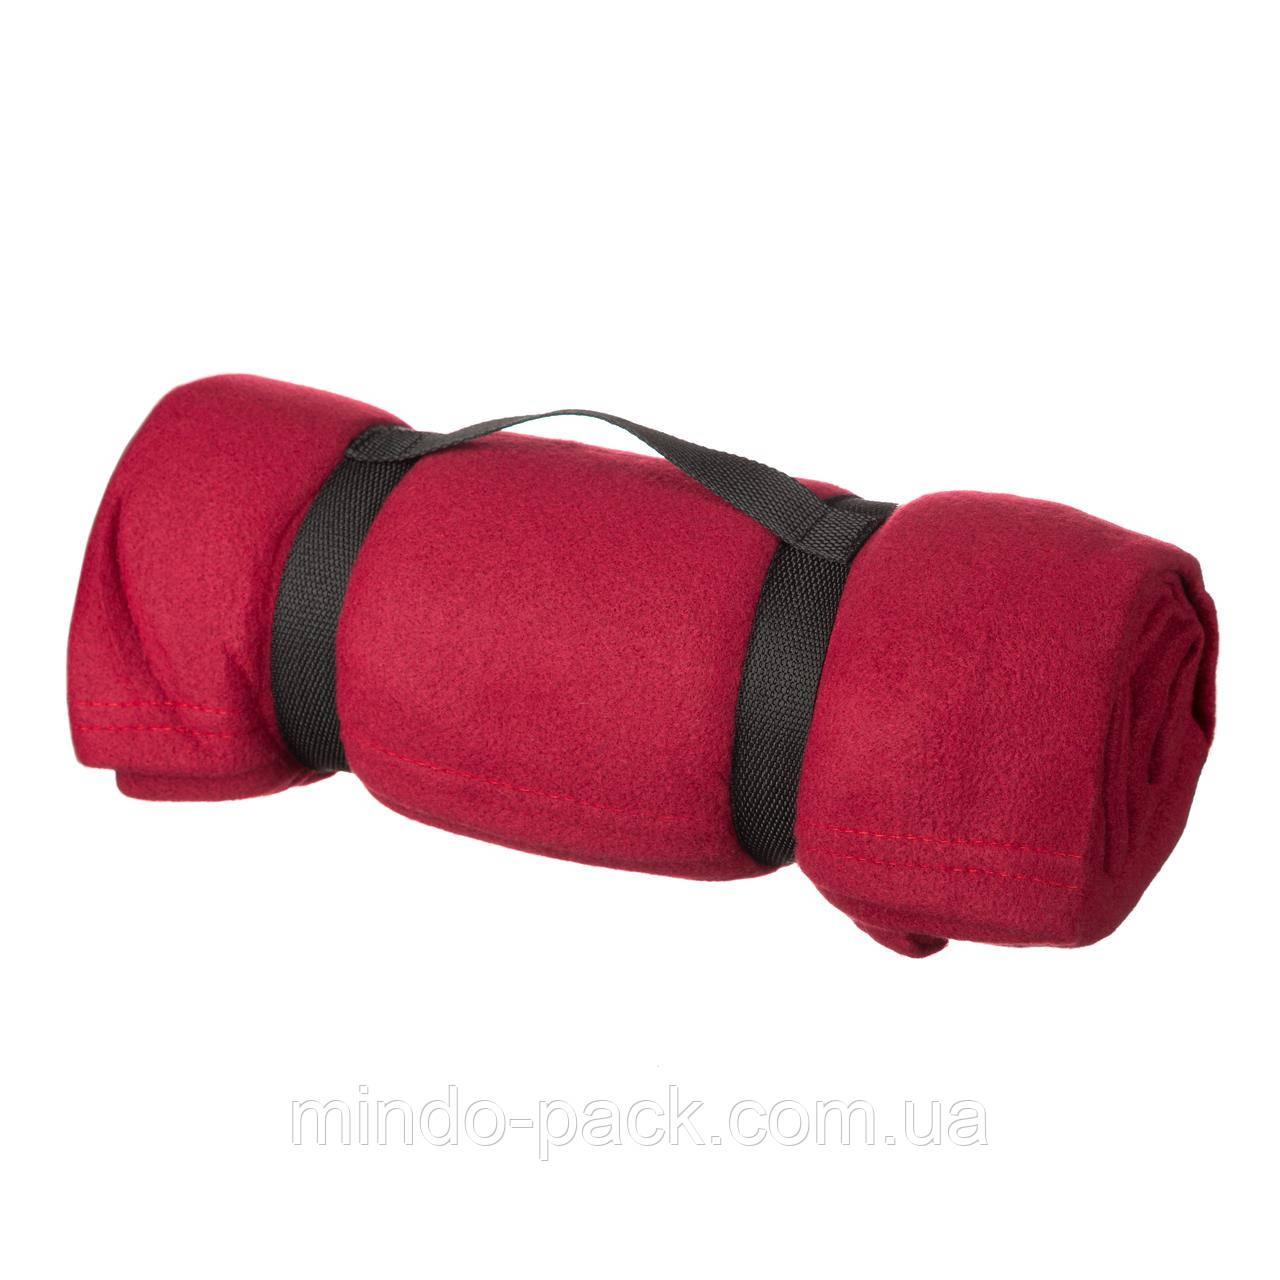 Плед с рукавами шоколадный или красный + возможность  нанесения ЛОГО (вышивка)